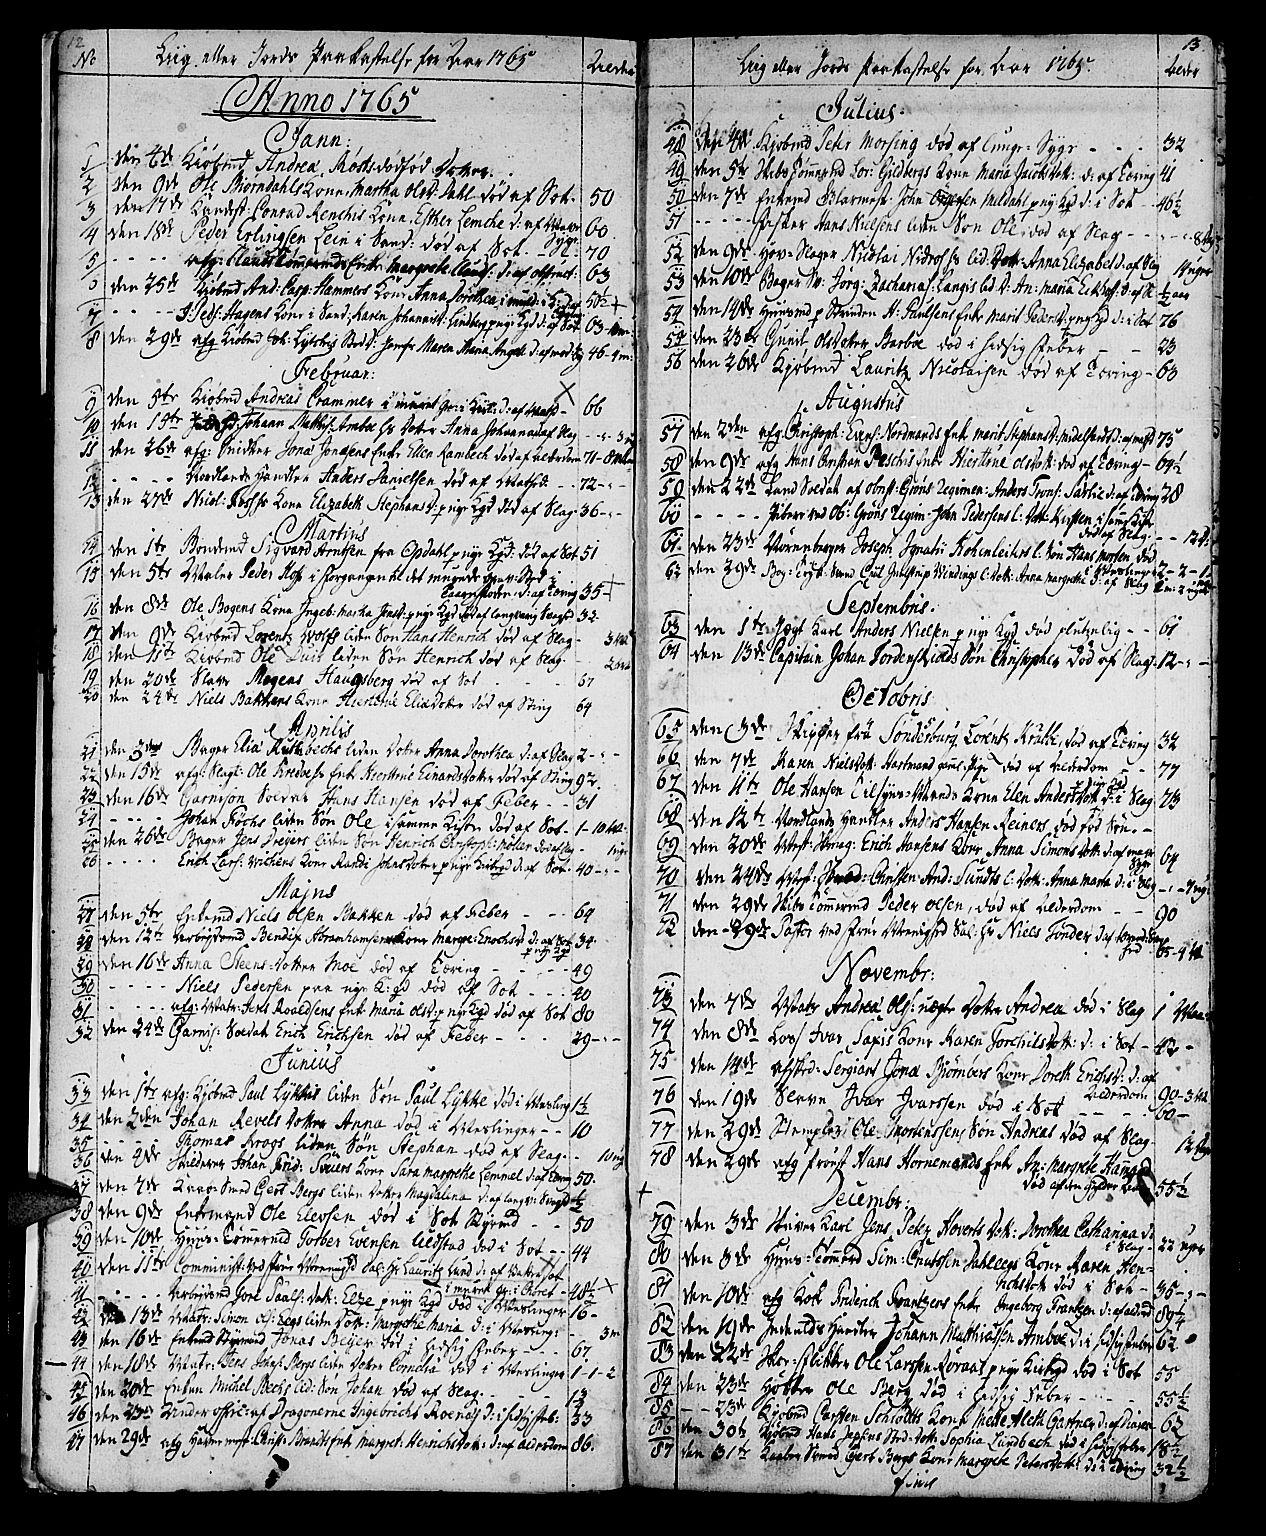 SAT, Ministerialprotokoller, klokkerbøker og fødselsregistre - Sør-Trøndelag, 602/L0134: Klokkerbok nr. 602C02, 1759-1812, s. 12-13